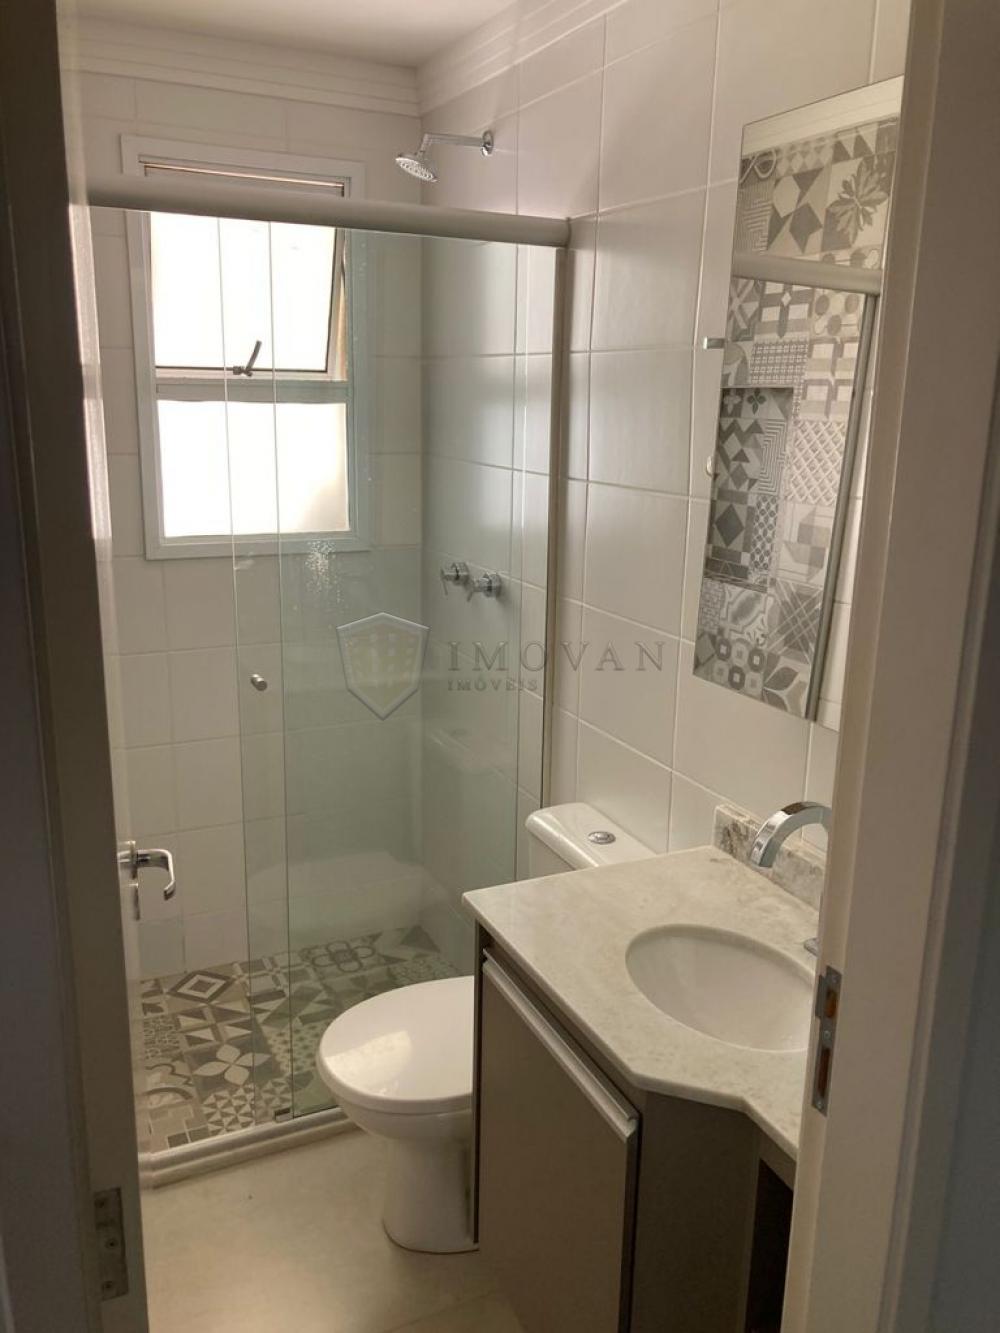 Comprar Apartamento / Padrão em Ribeirão Preto R$ 445.000,00 - Foto 7